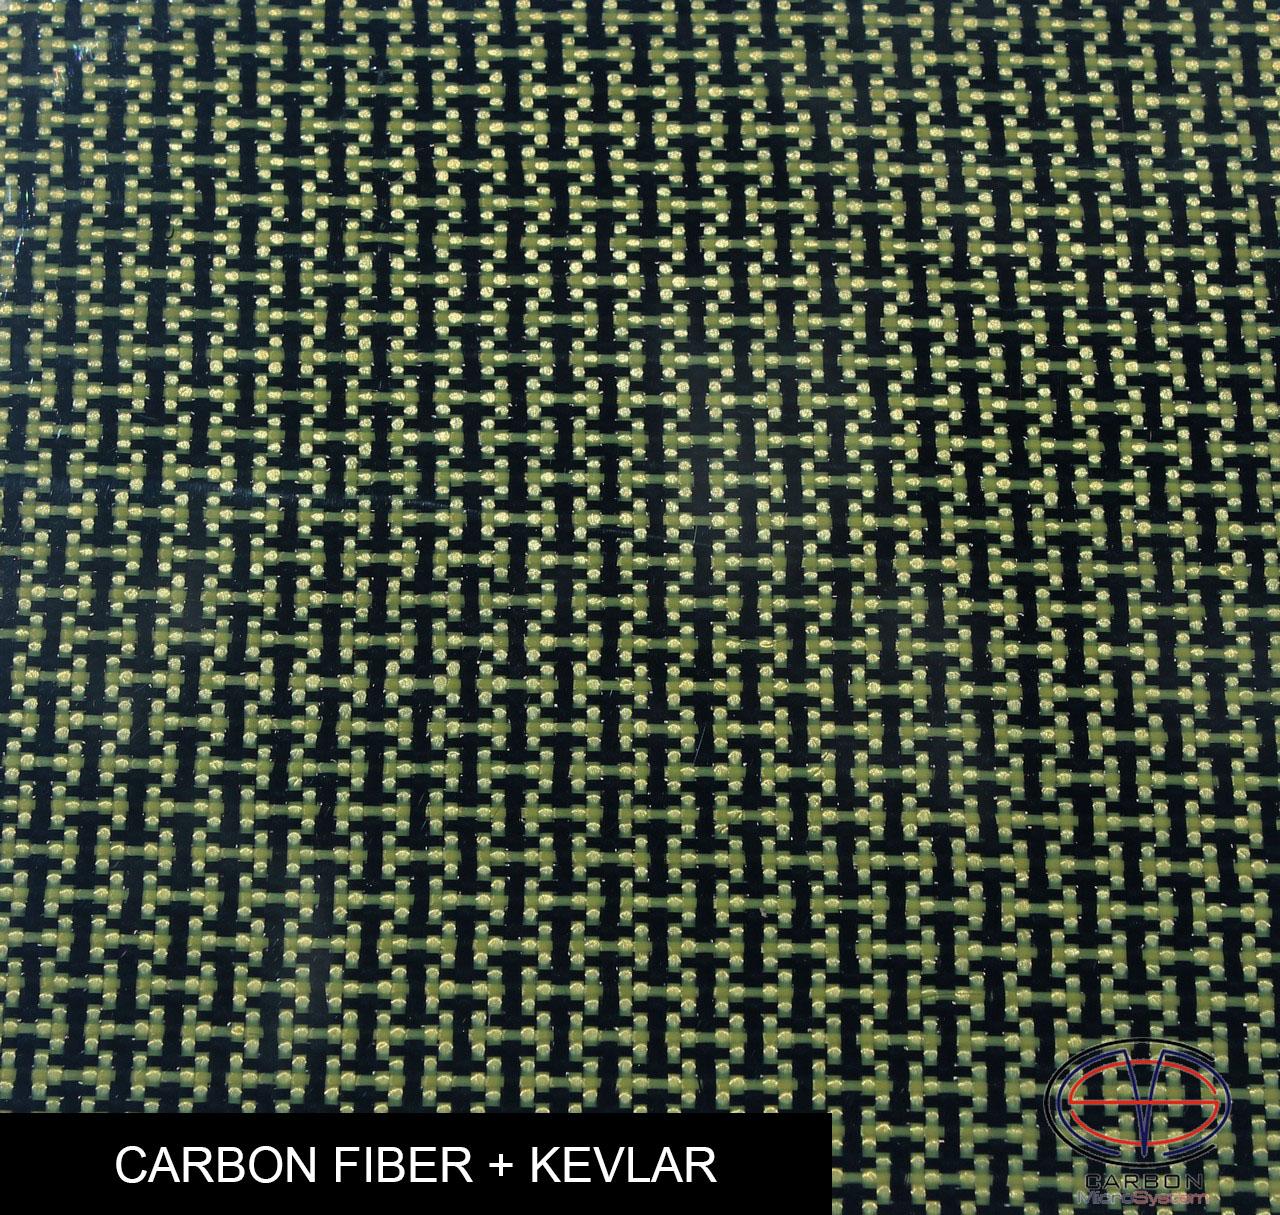 carbon fiber + kevlar